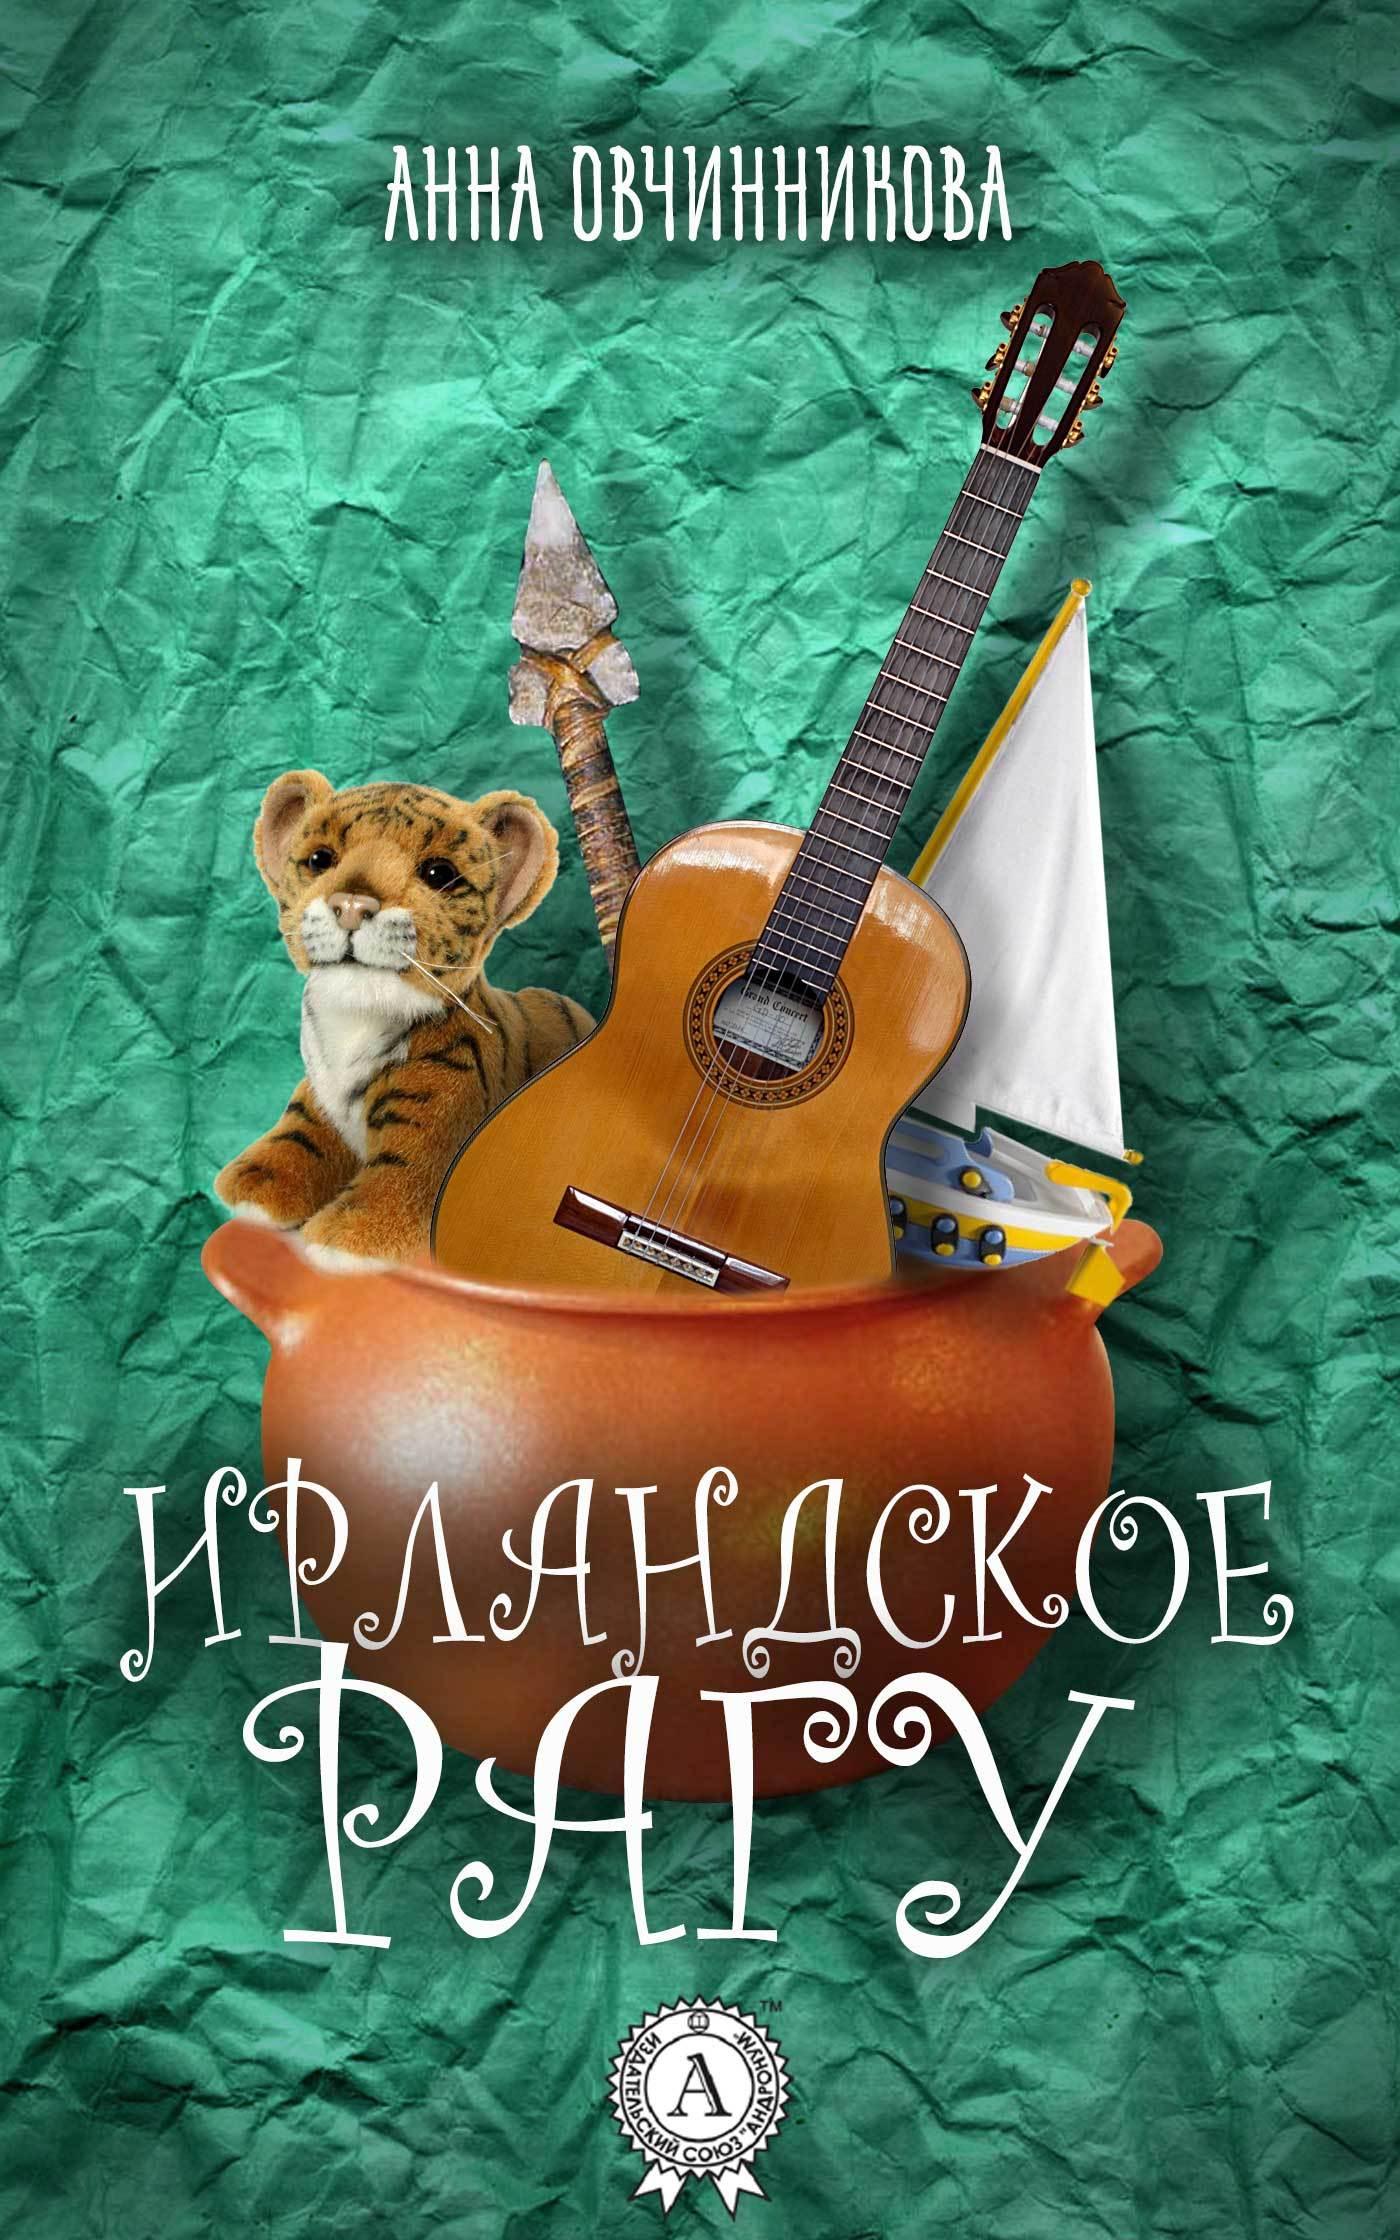 Анна Овчинникова бесплатно